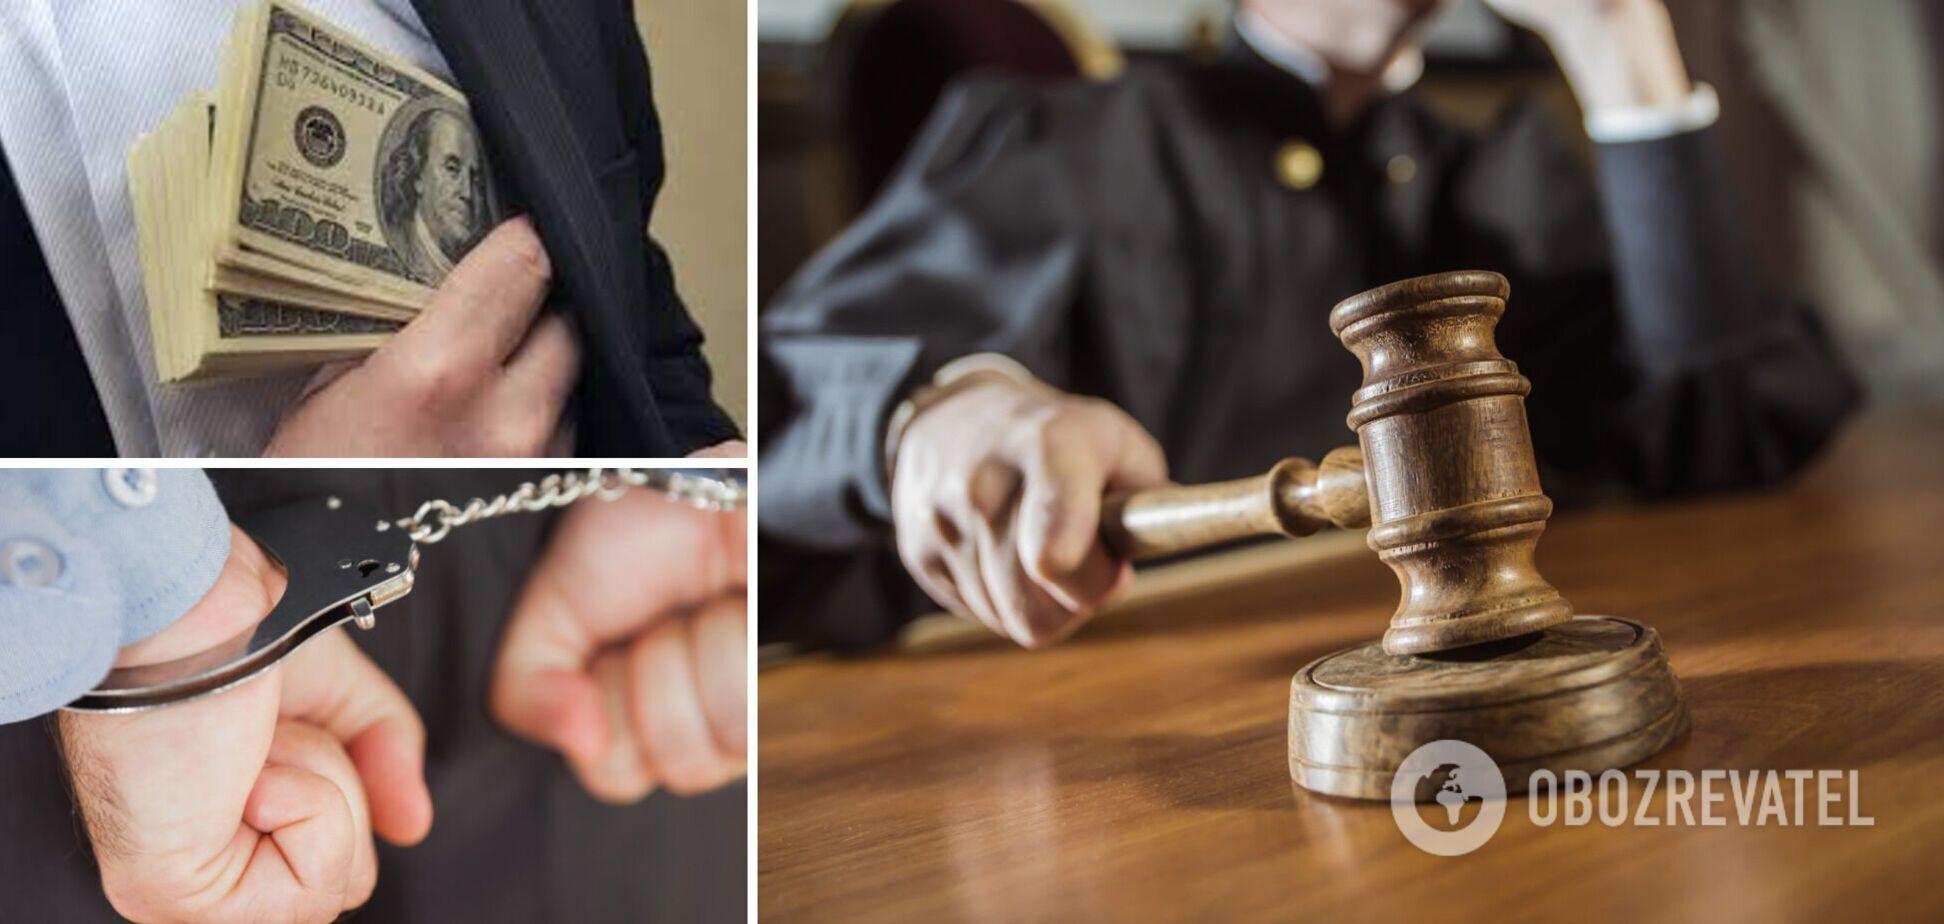 Судья из Днепра получил срок за взятку и обещание 'решить вопрос' с руководством полиции